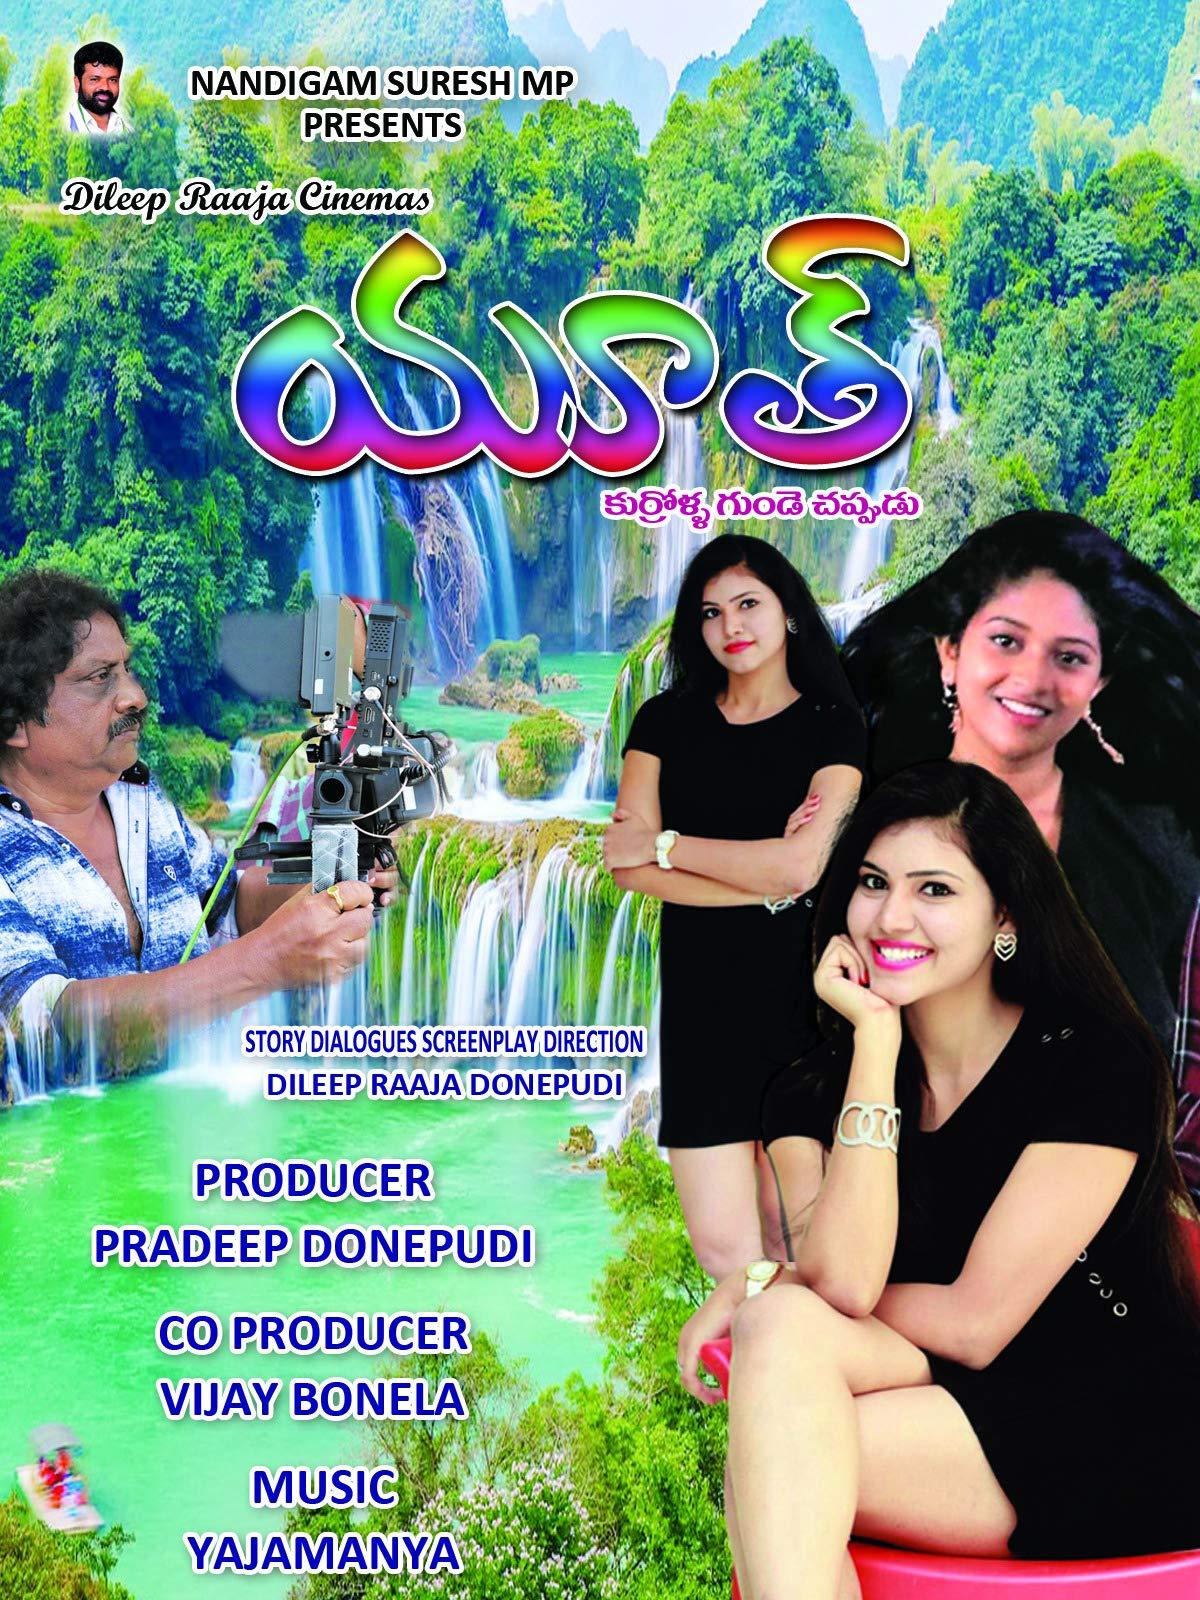 Chitti Chitti Chilakamme || Youth (Kurralla Gunde Chapoudu) Video Song || Ravath Sindhu